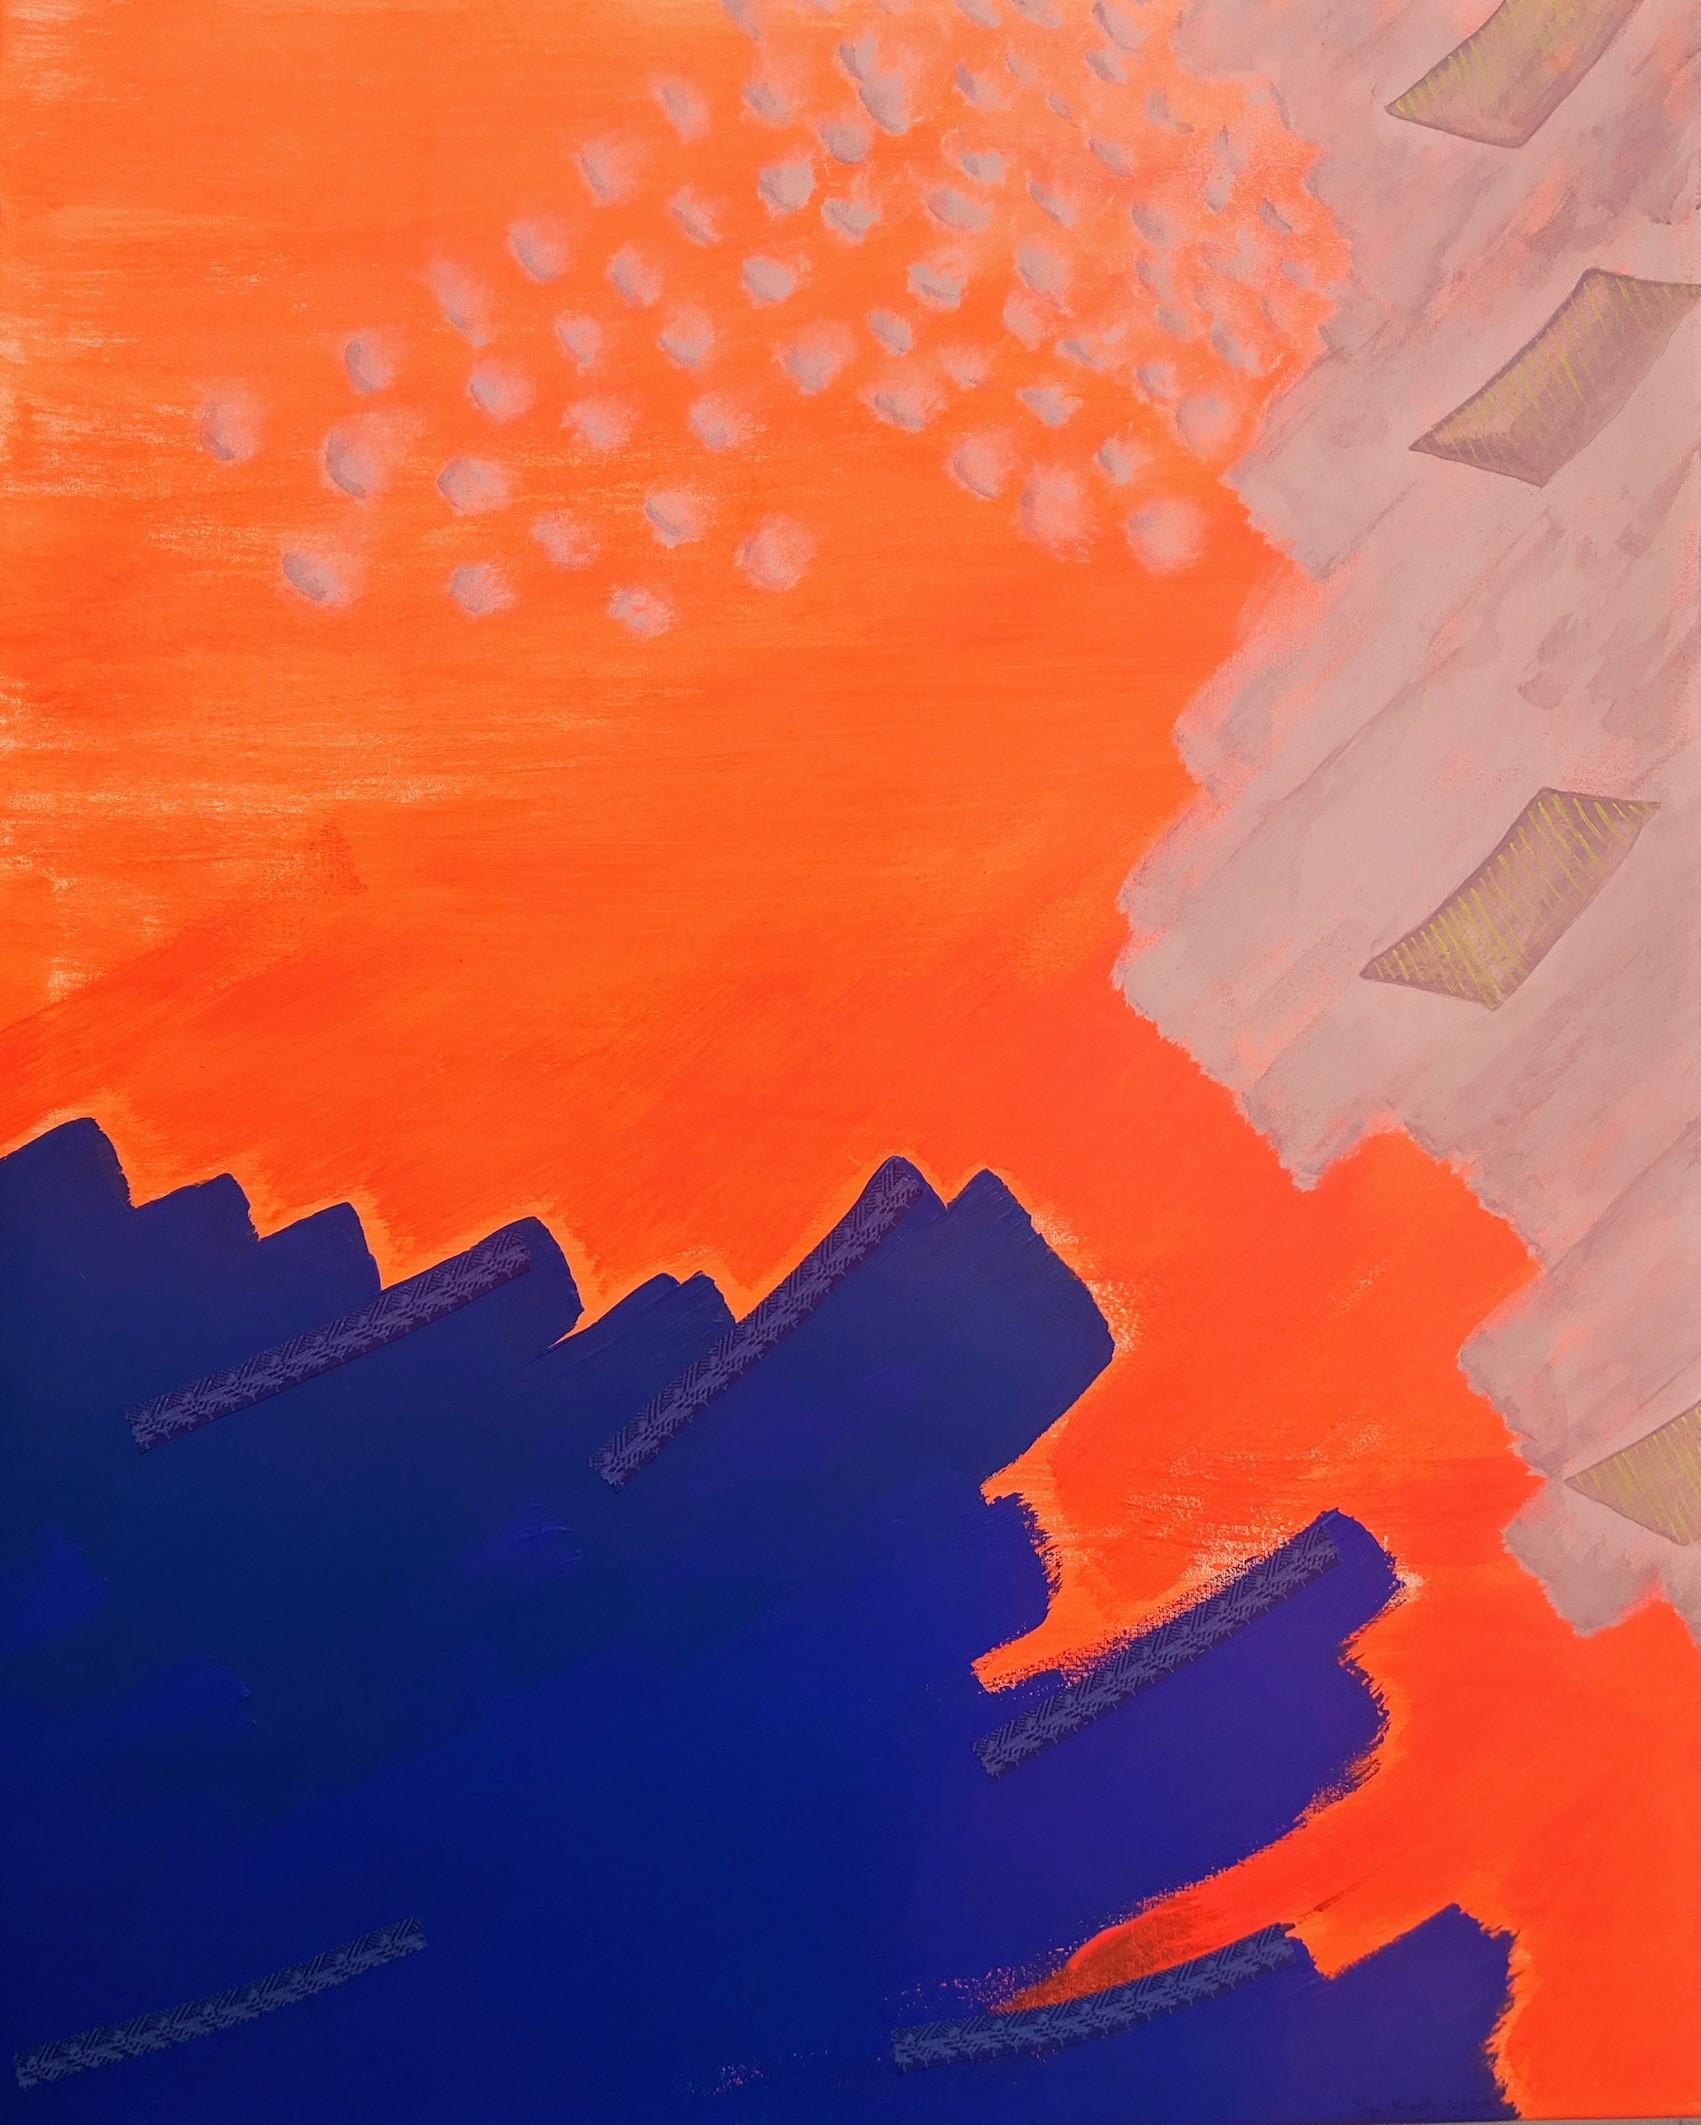 Acryl, Titel: ' A choice, a seed', 80x100cm cm, 19. July 2019, Künstlerin Sige Nagels: Acryl, Stoff, Marker, auf Nachhaltigen Leinwand auf Keilrahmen aus Europaïscher Holz.